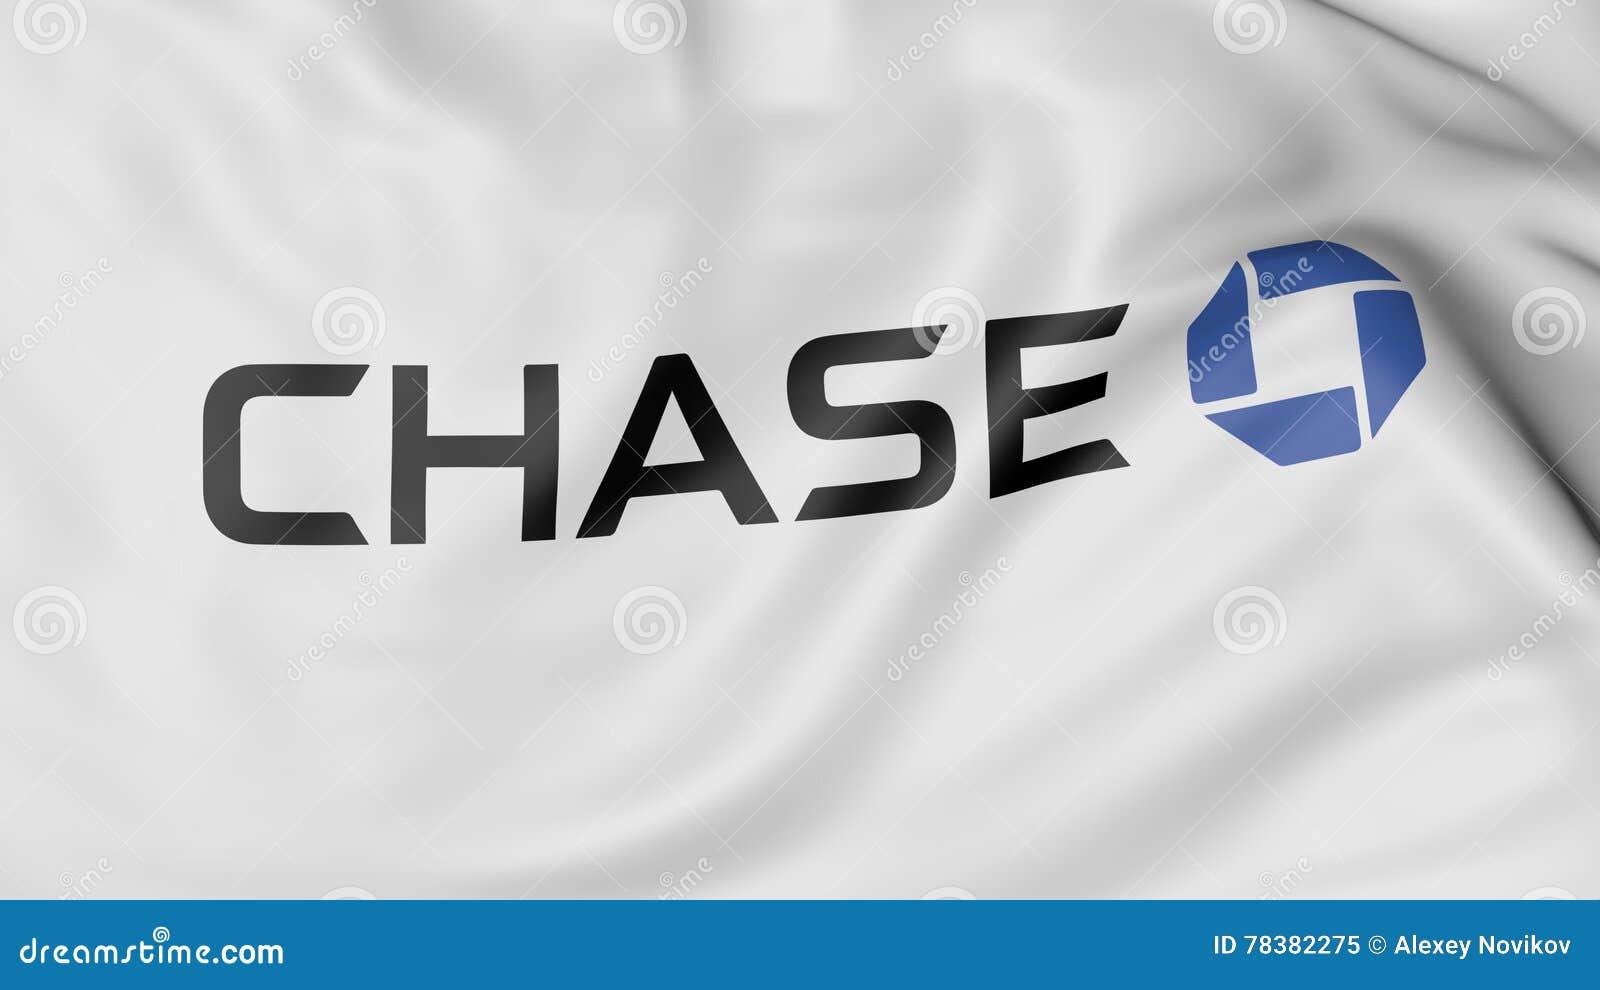 Close Up Of Waving Flag With JPMorgan Chase Bank Logo, 3D